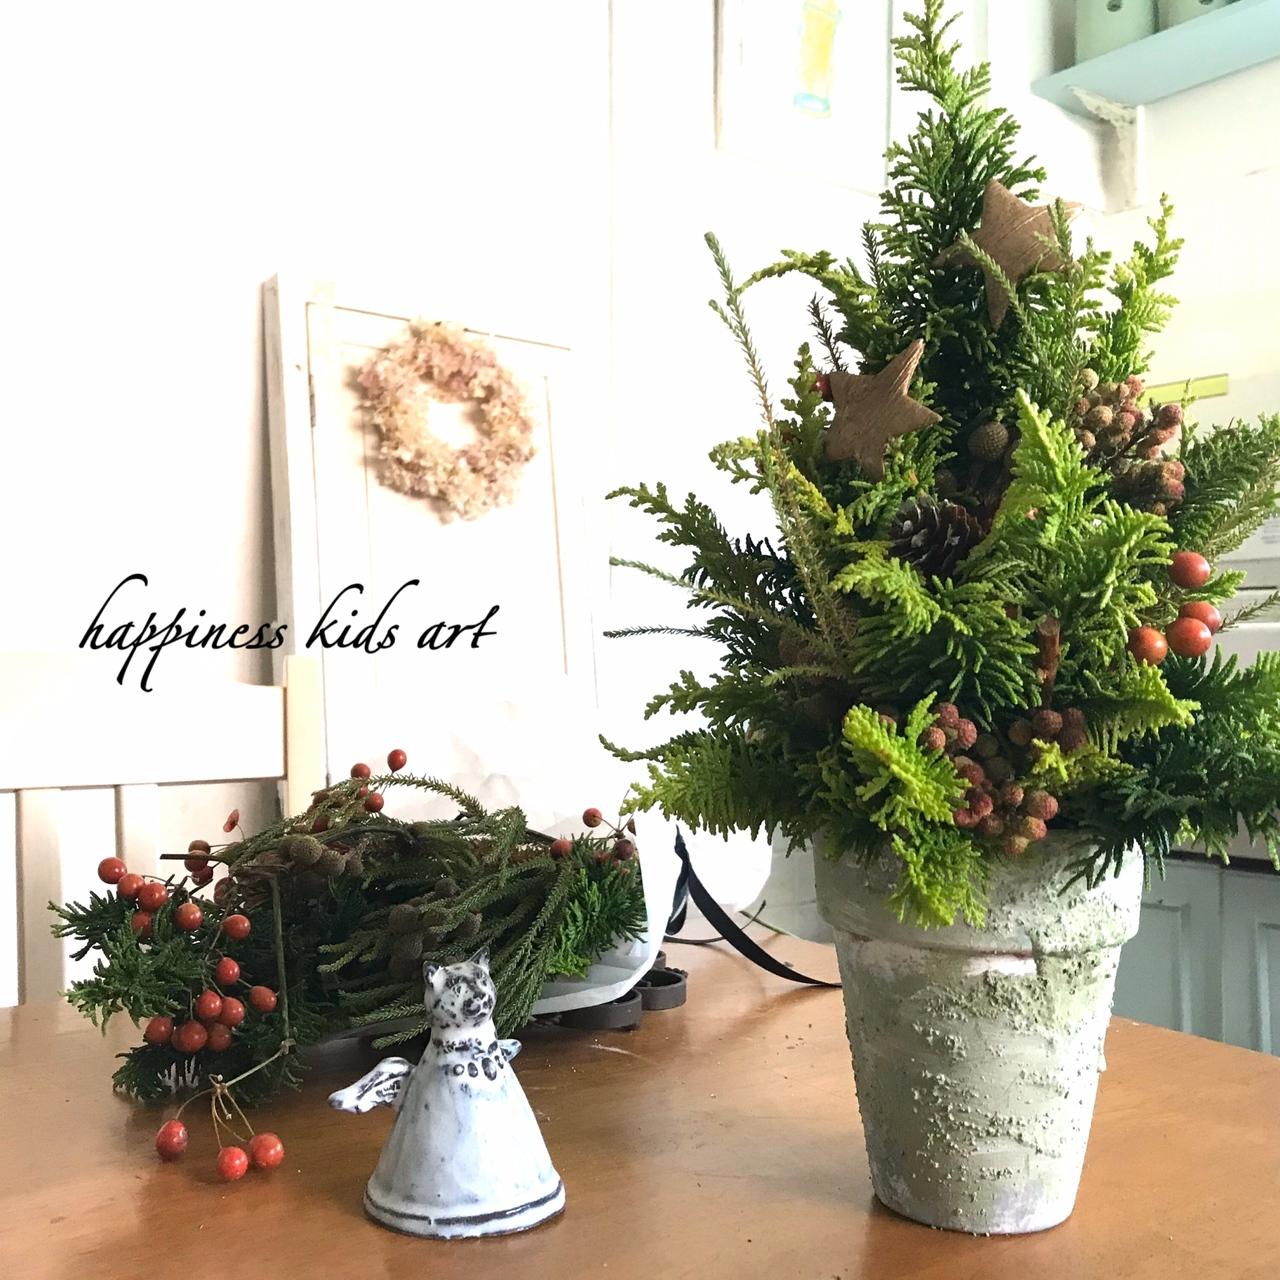 12月Little★本物モミやヒバで五感を刺激!親子で作るクリスマスツリー!